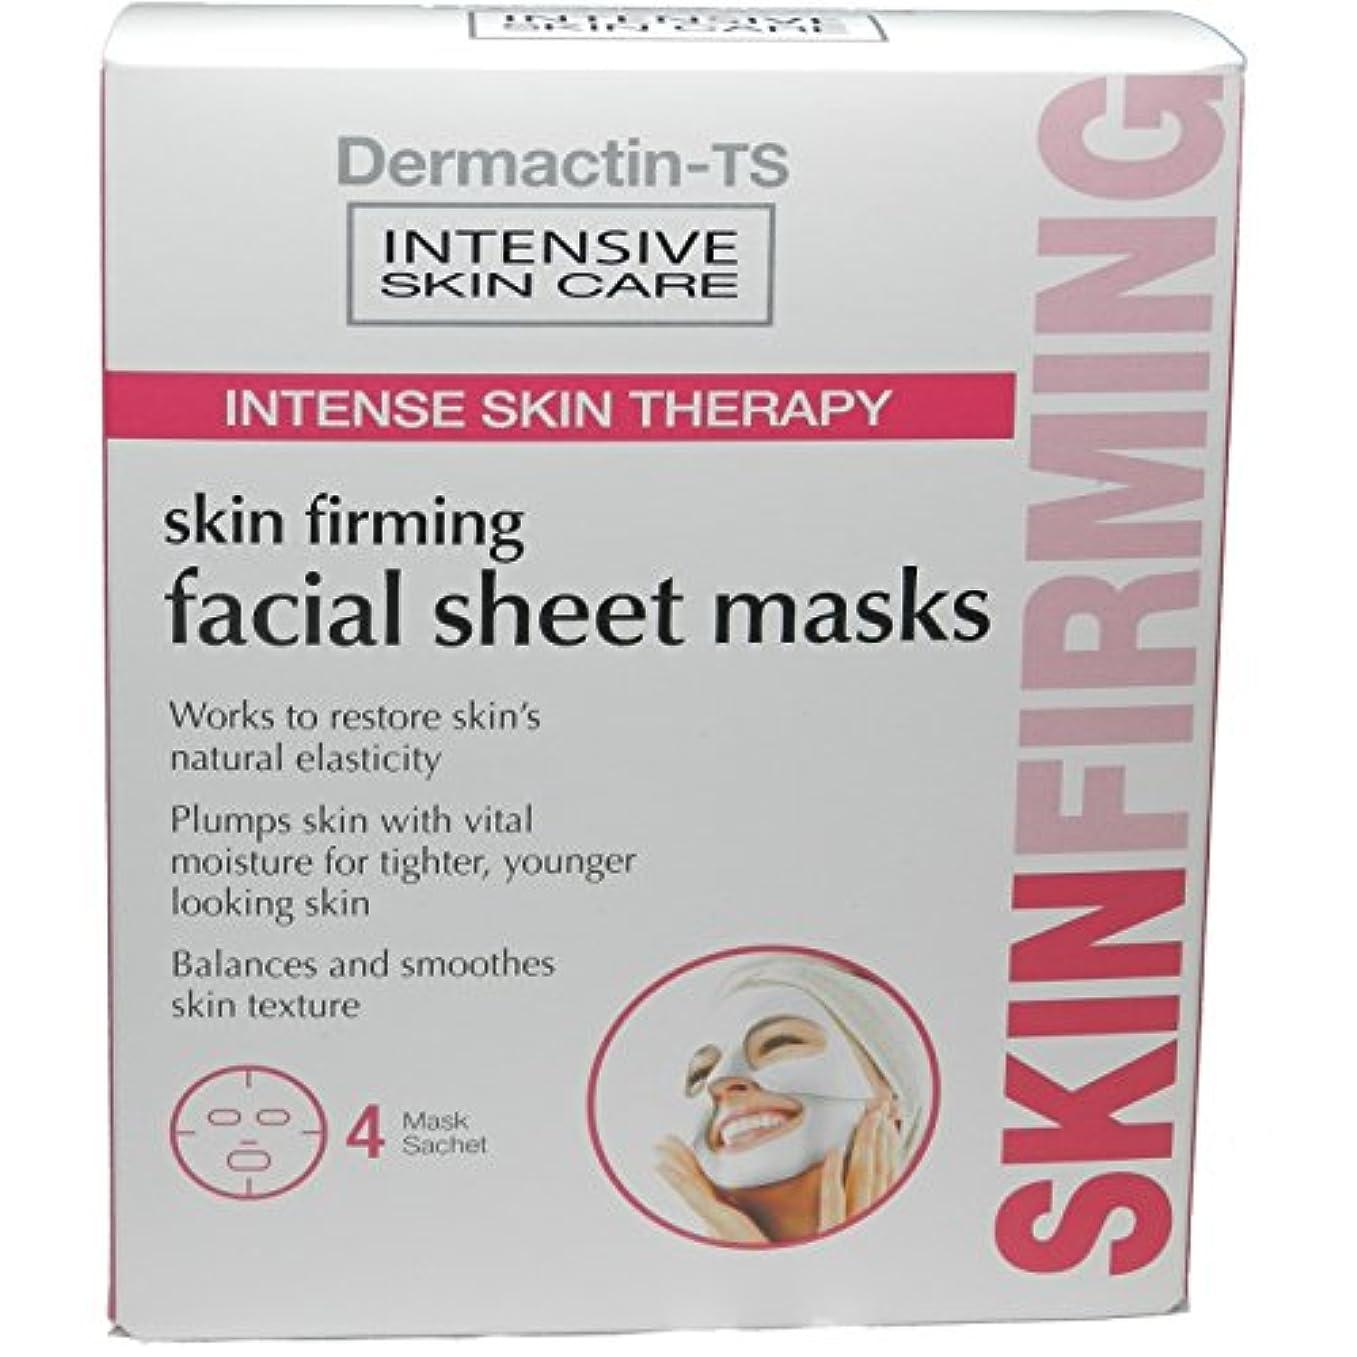 私たち自身キノコ煙Dermactin-TS 激しいスキンセラピースキンファーミングフェイシャルマスク4カウント(3パック) (並行輸入品)